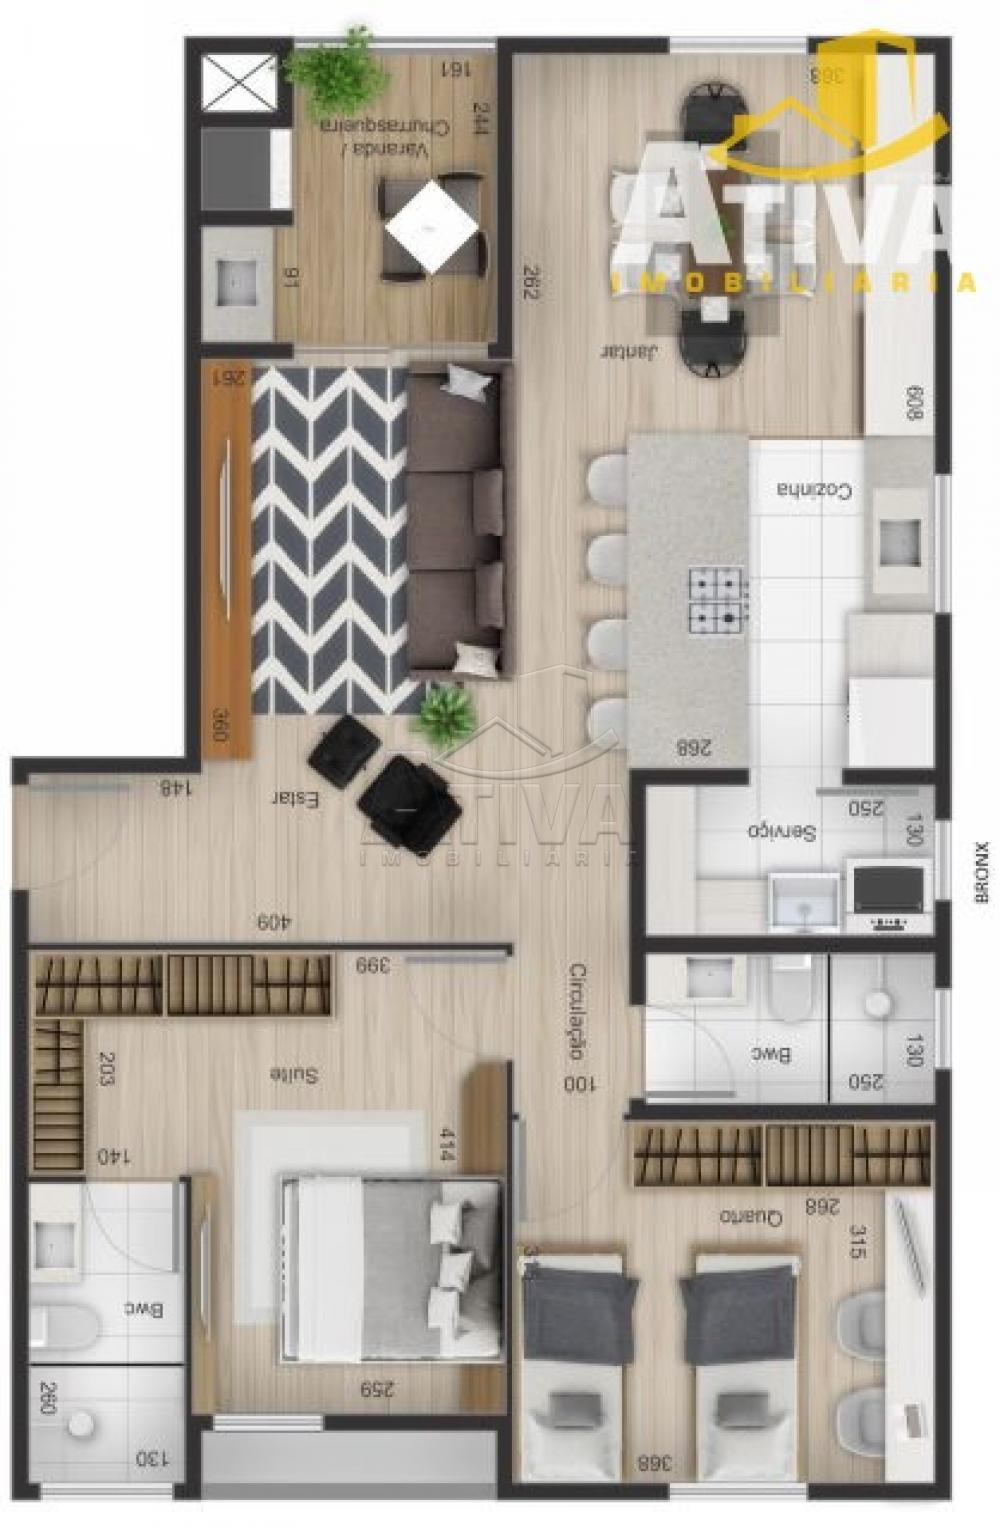 Comprar Apartamento / Padrão em Toledo apenas R$ 635.547,11 - Foto 6